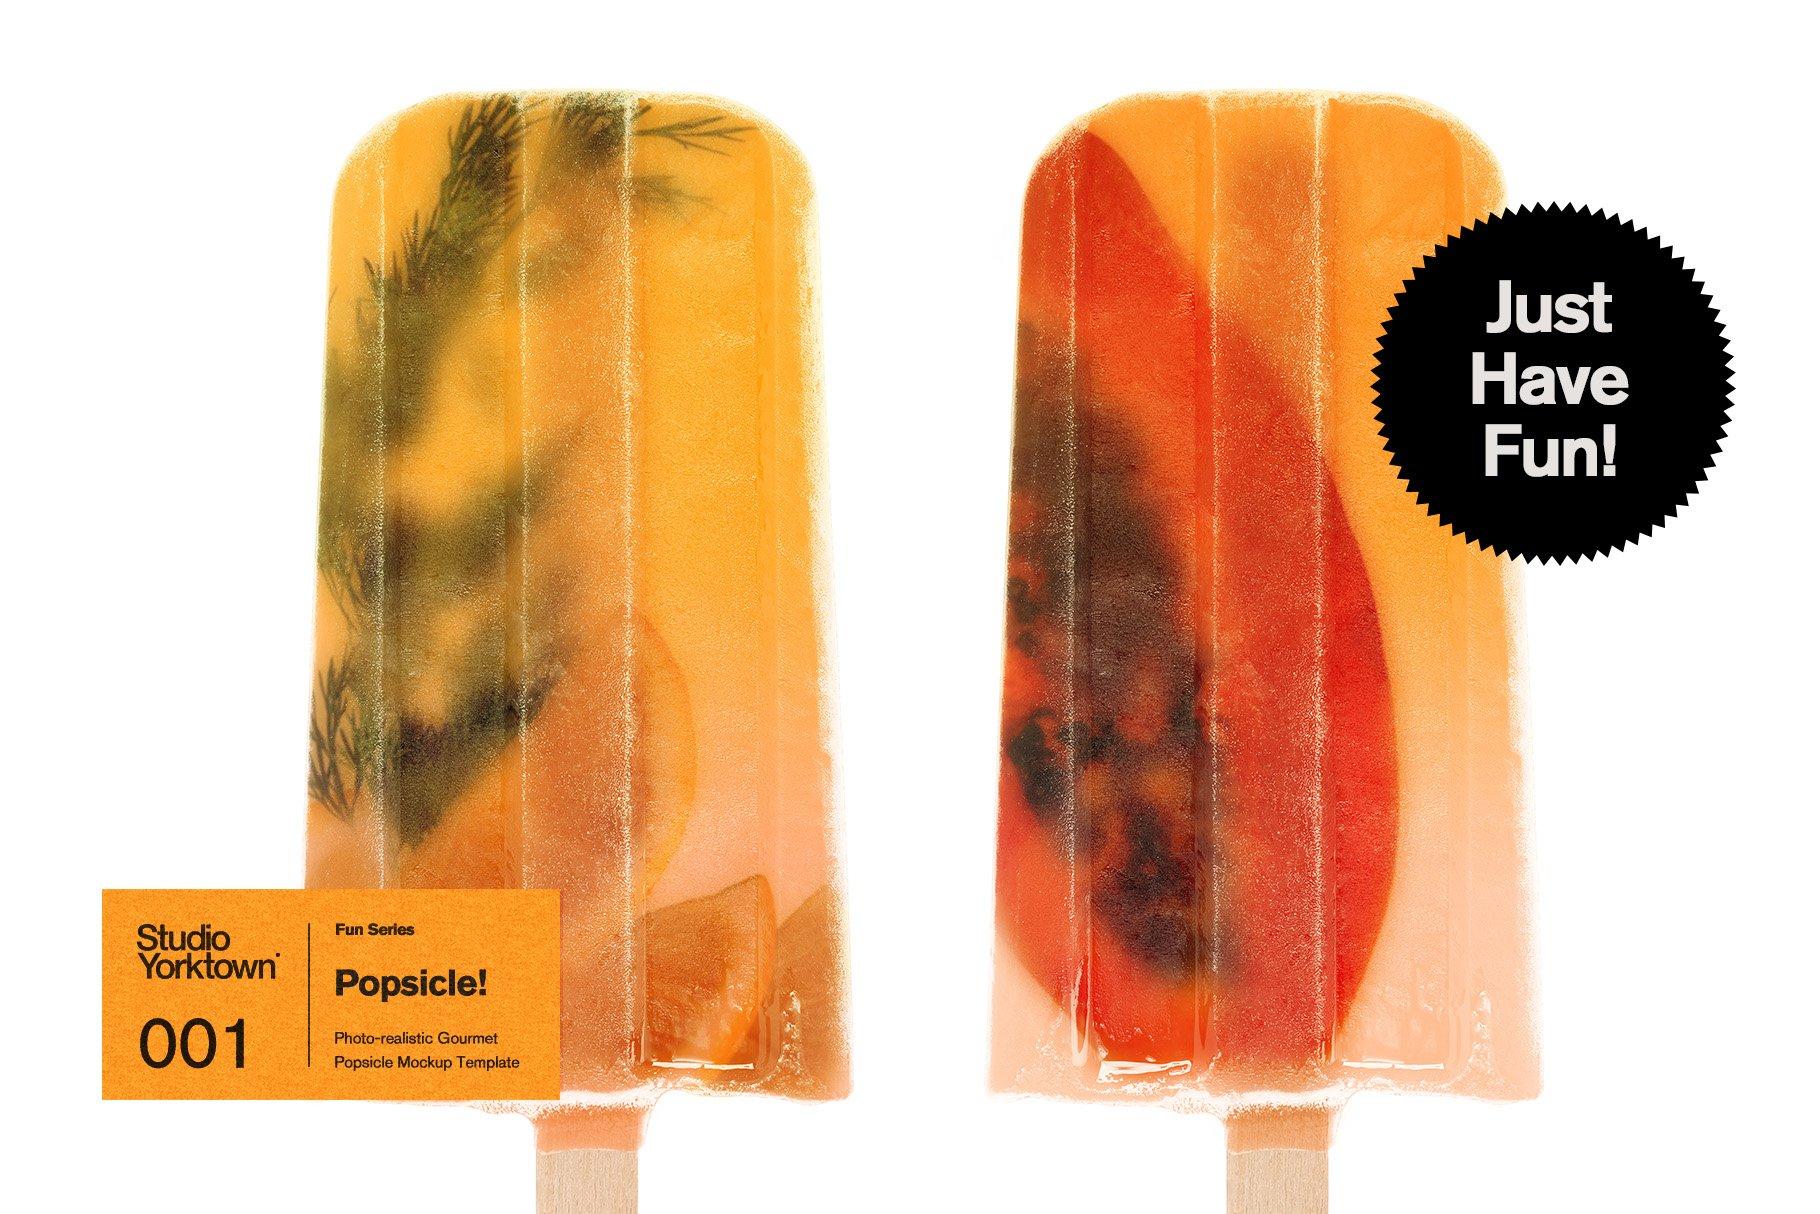 水果夹心冰棍雪糕品牌设计展示PSD样机模板 Popsicle! Ice Pop Mockup Template插图(5)